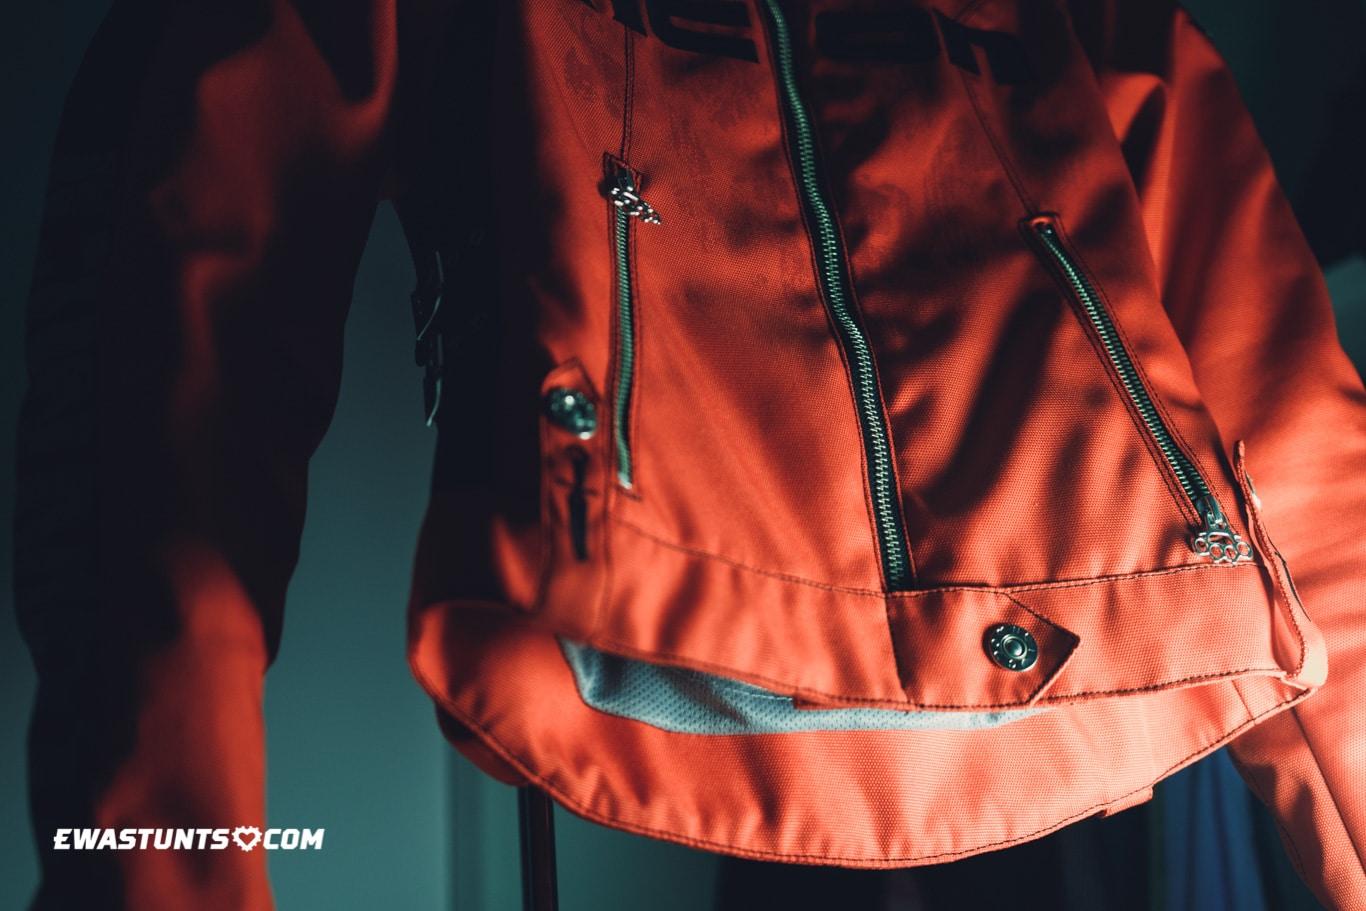 ewastunts_icon_jacket-19